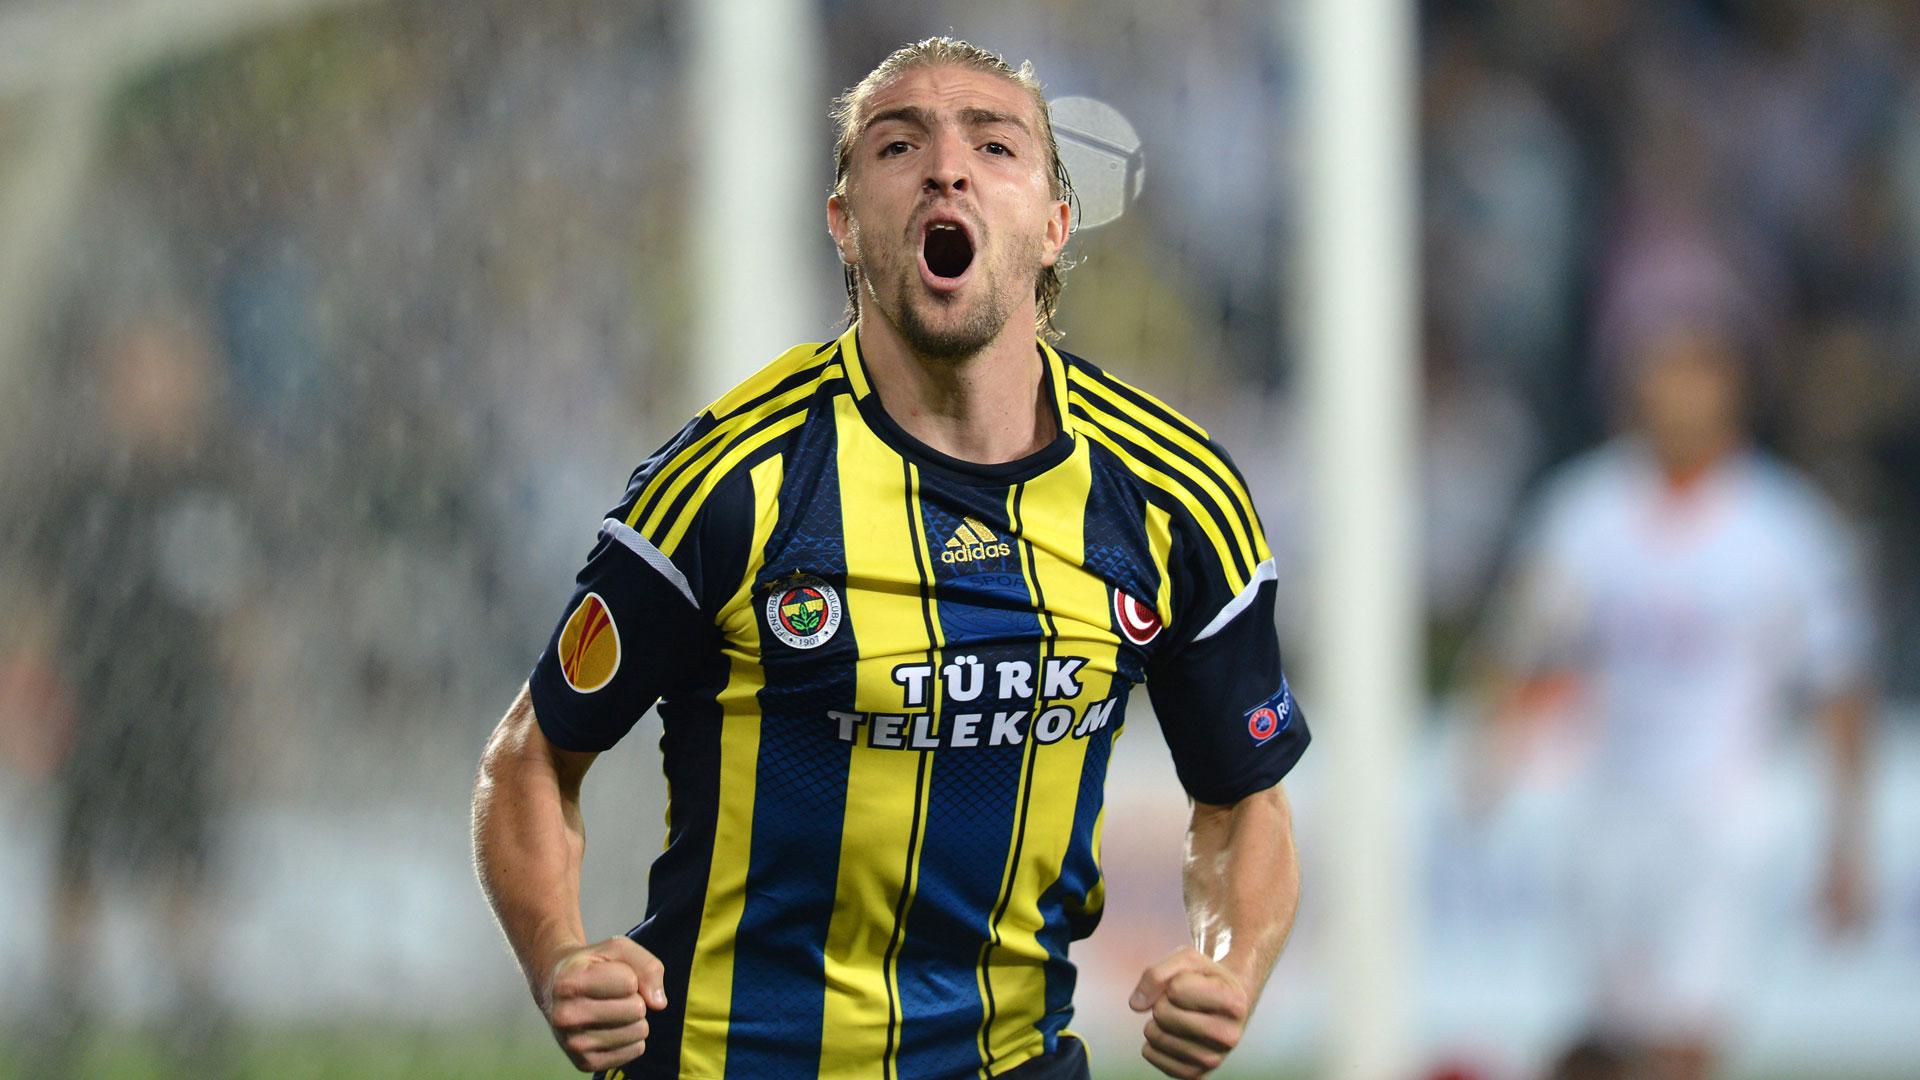 Calciomercato Inter, colpo low cost: dal Fenerbahce arriva Erkin